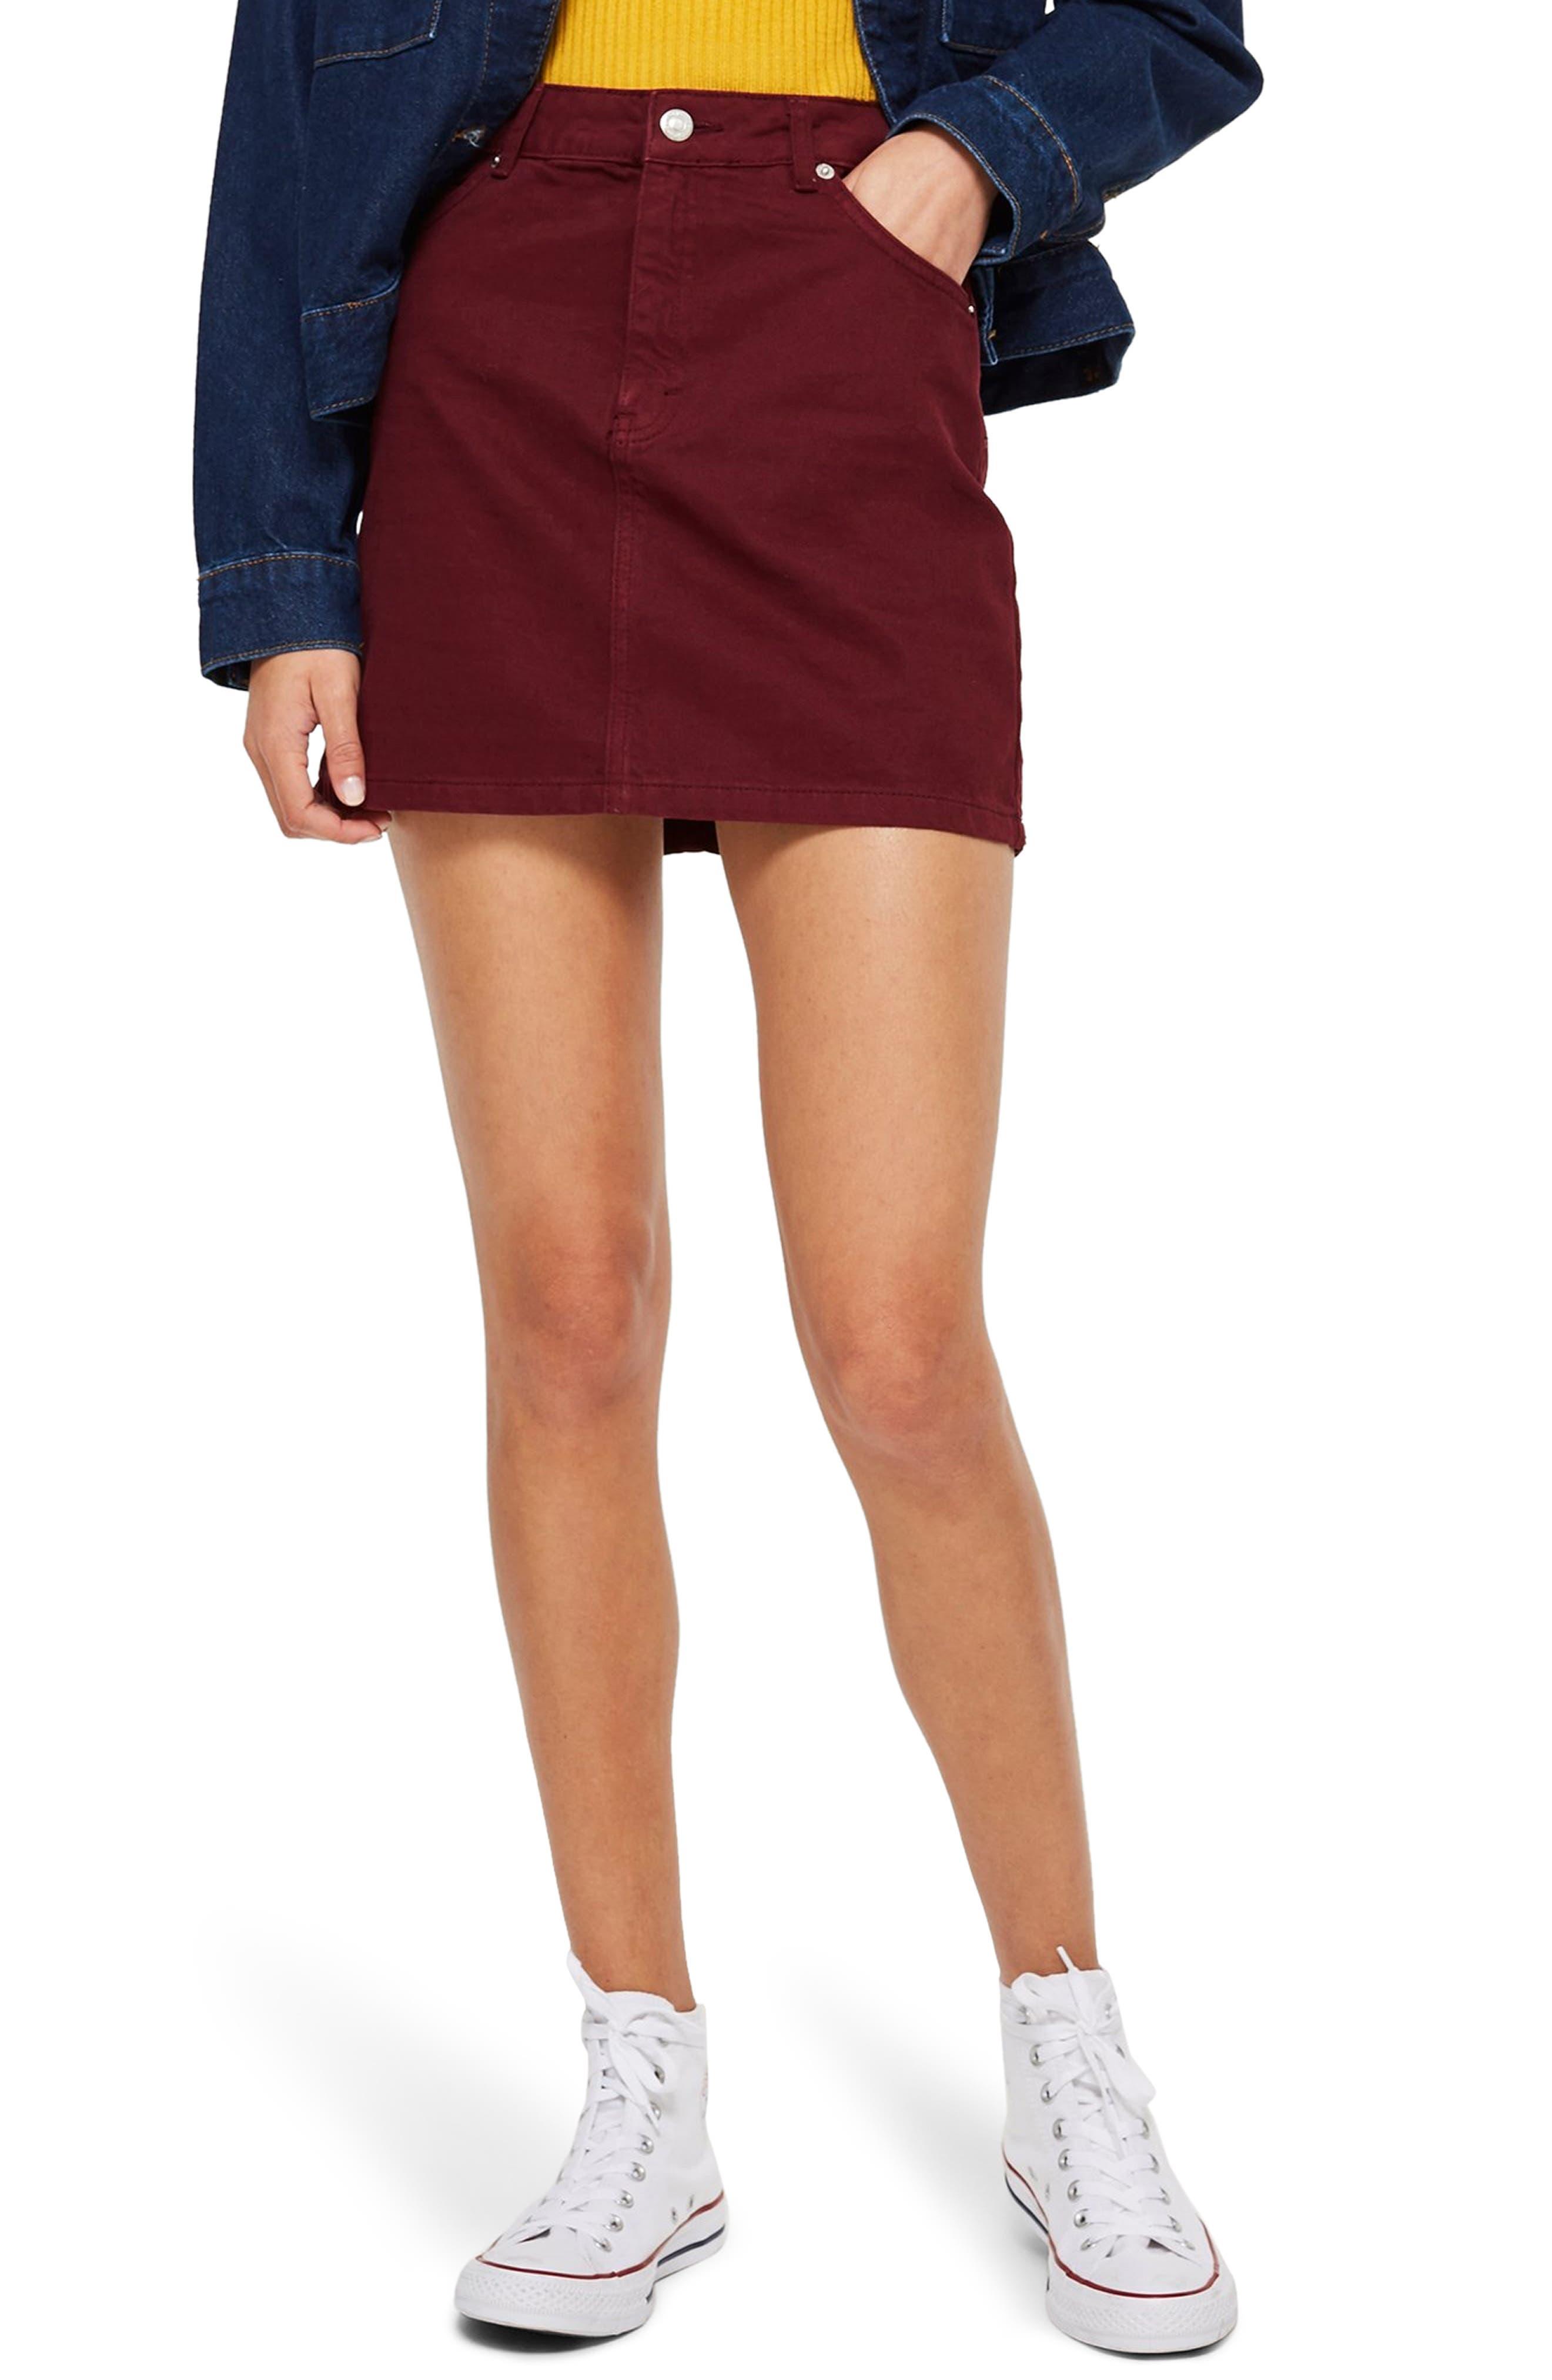 64f4d8e7a1 Women s Topshop Skirts